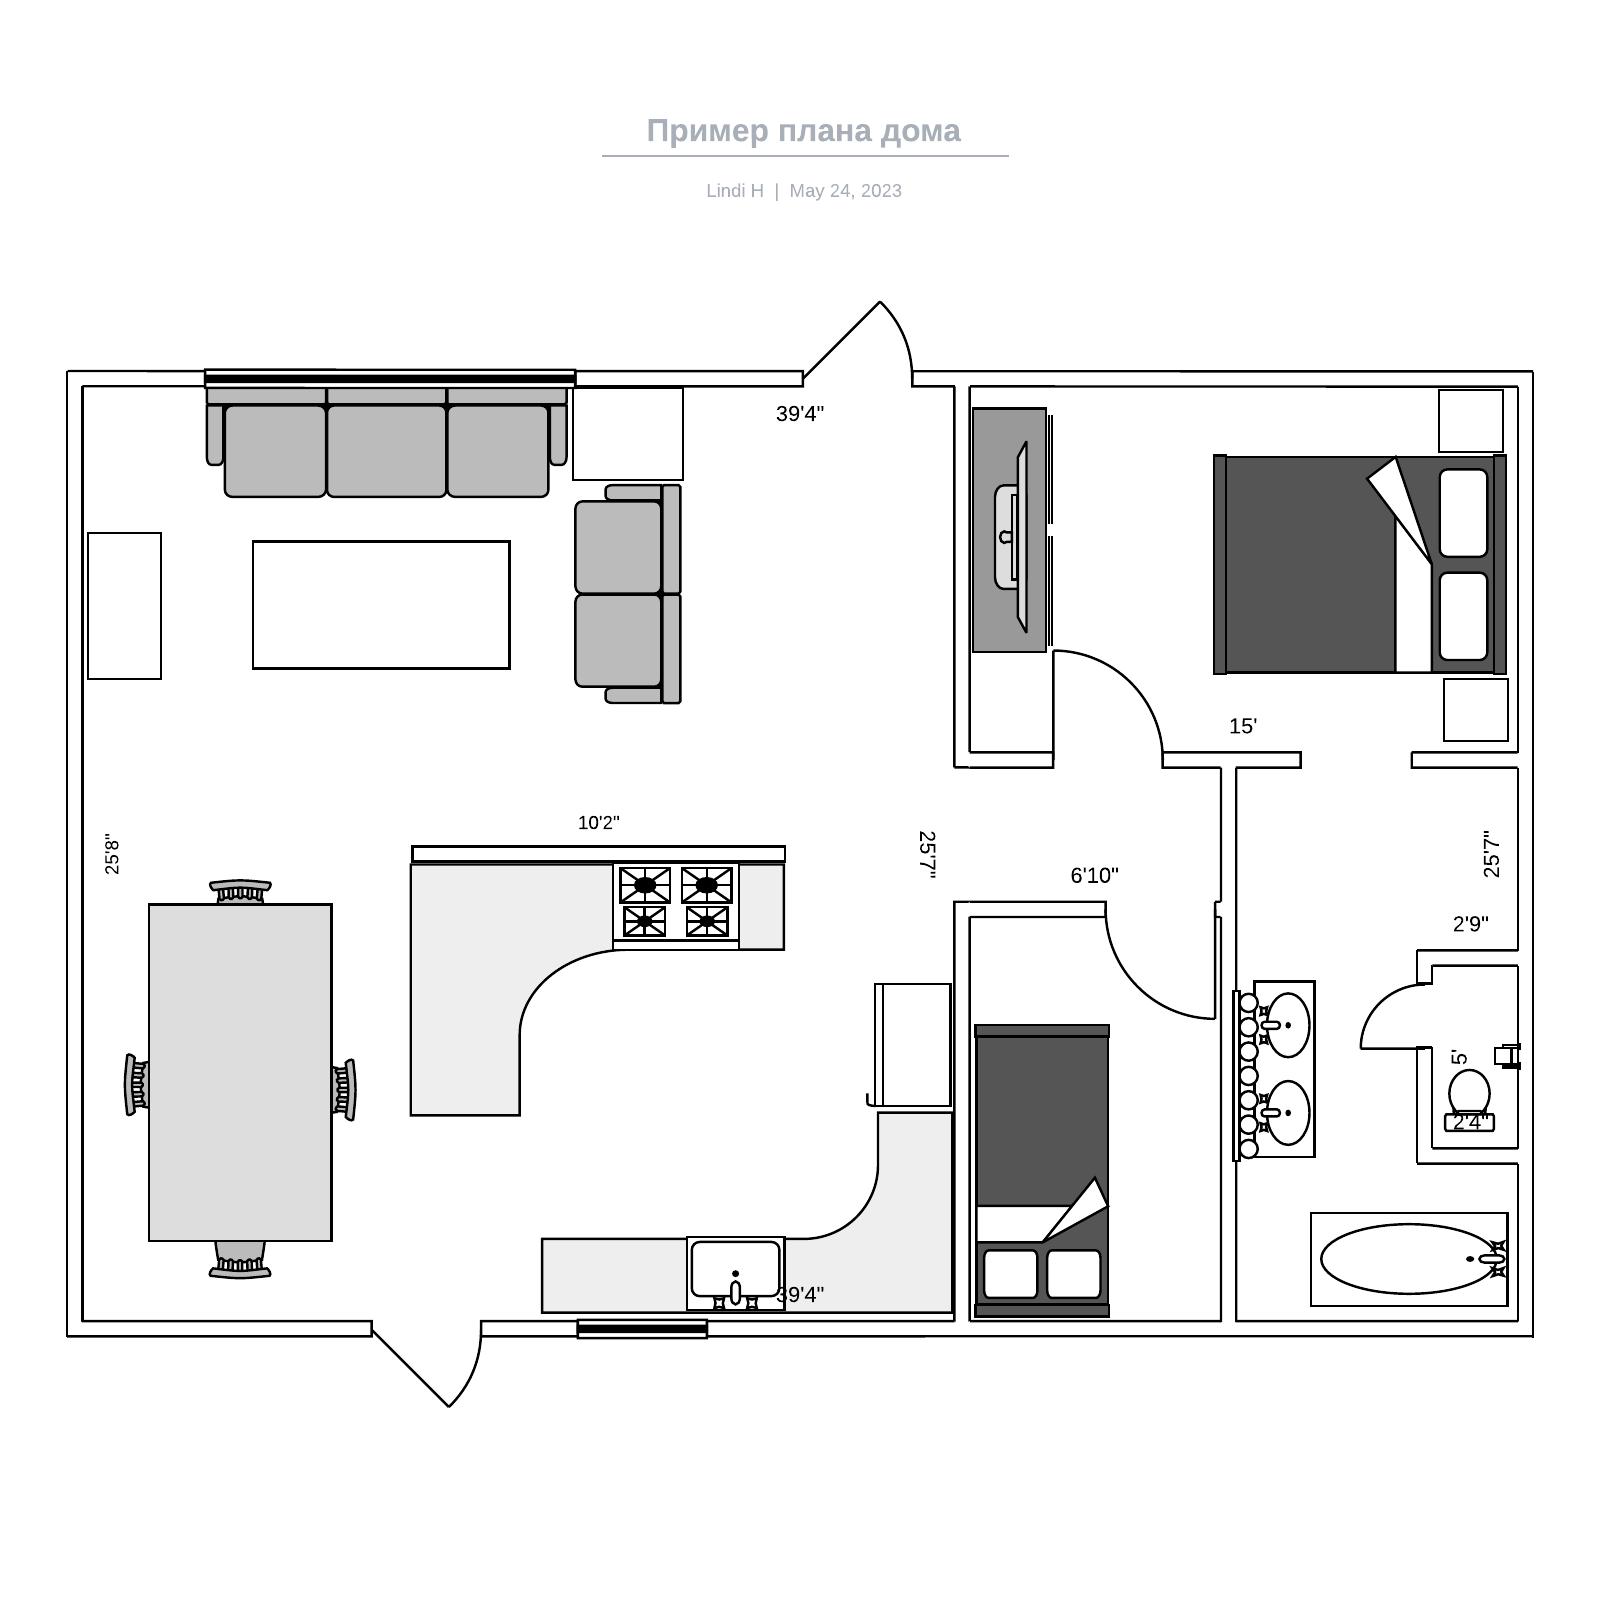 Пример плана дома